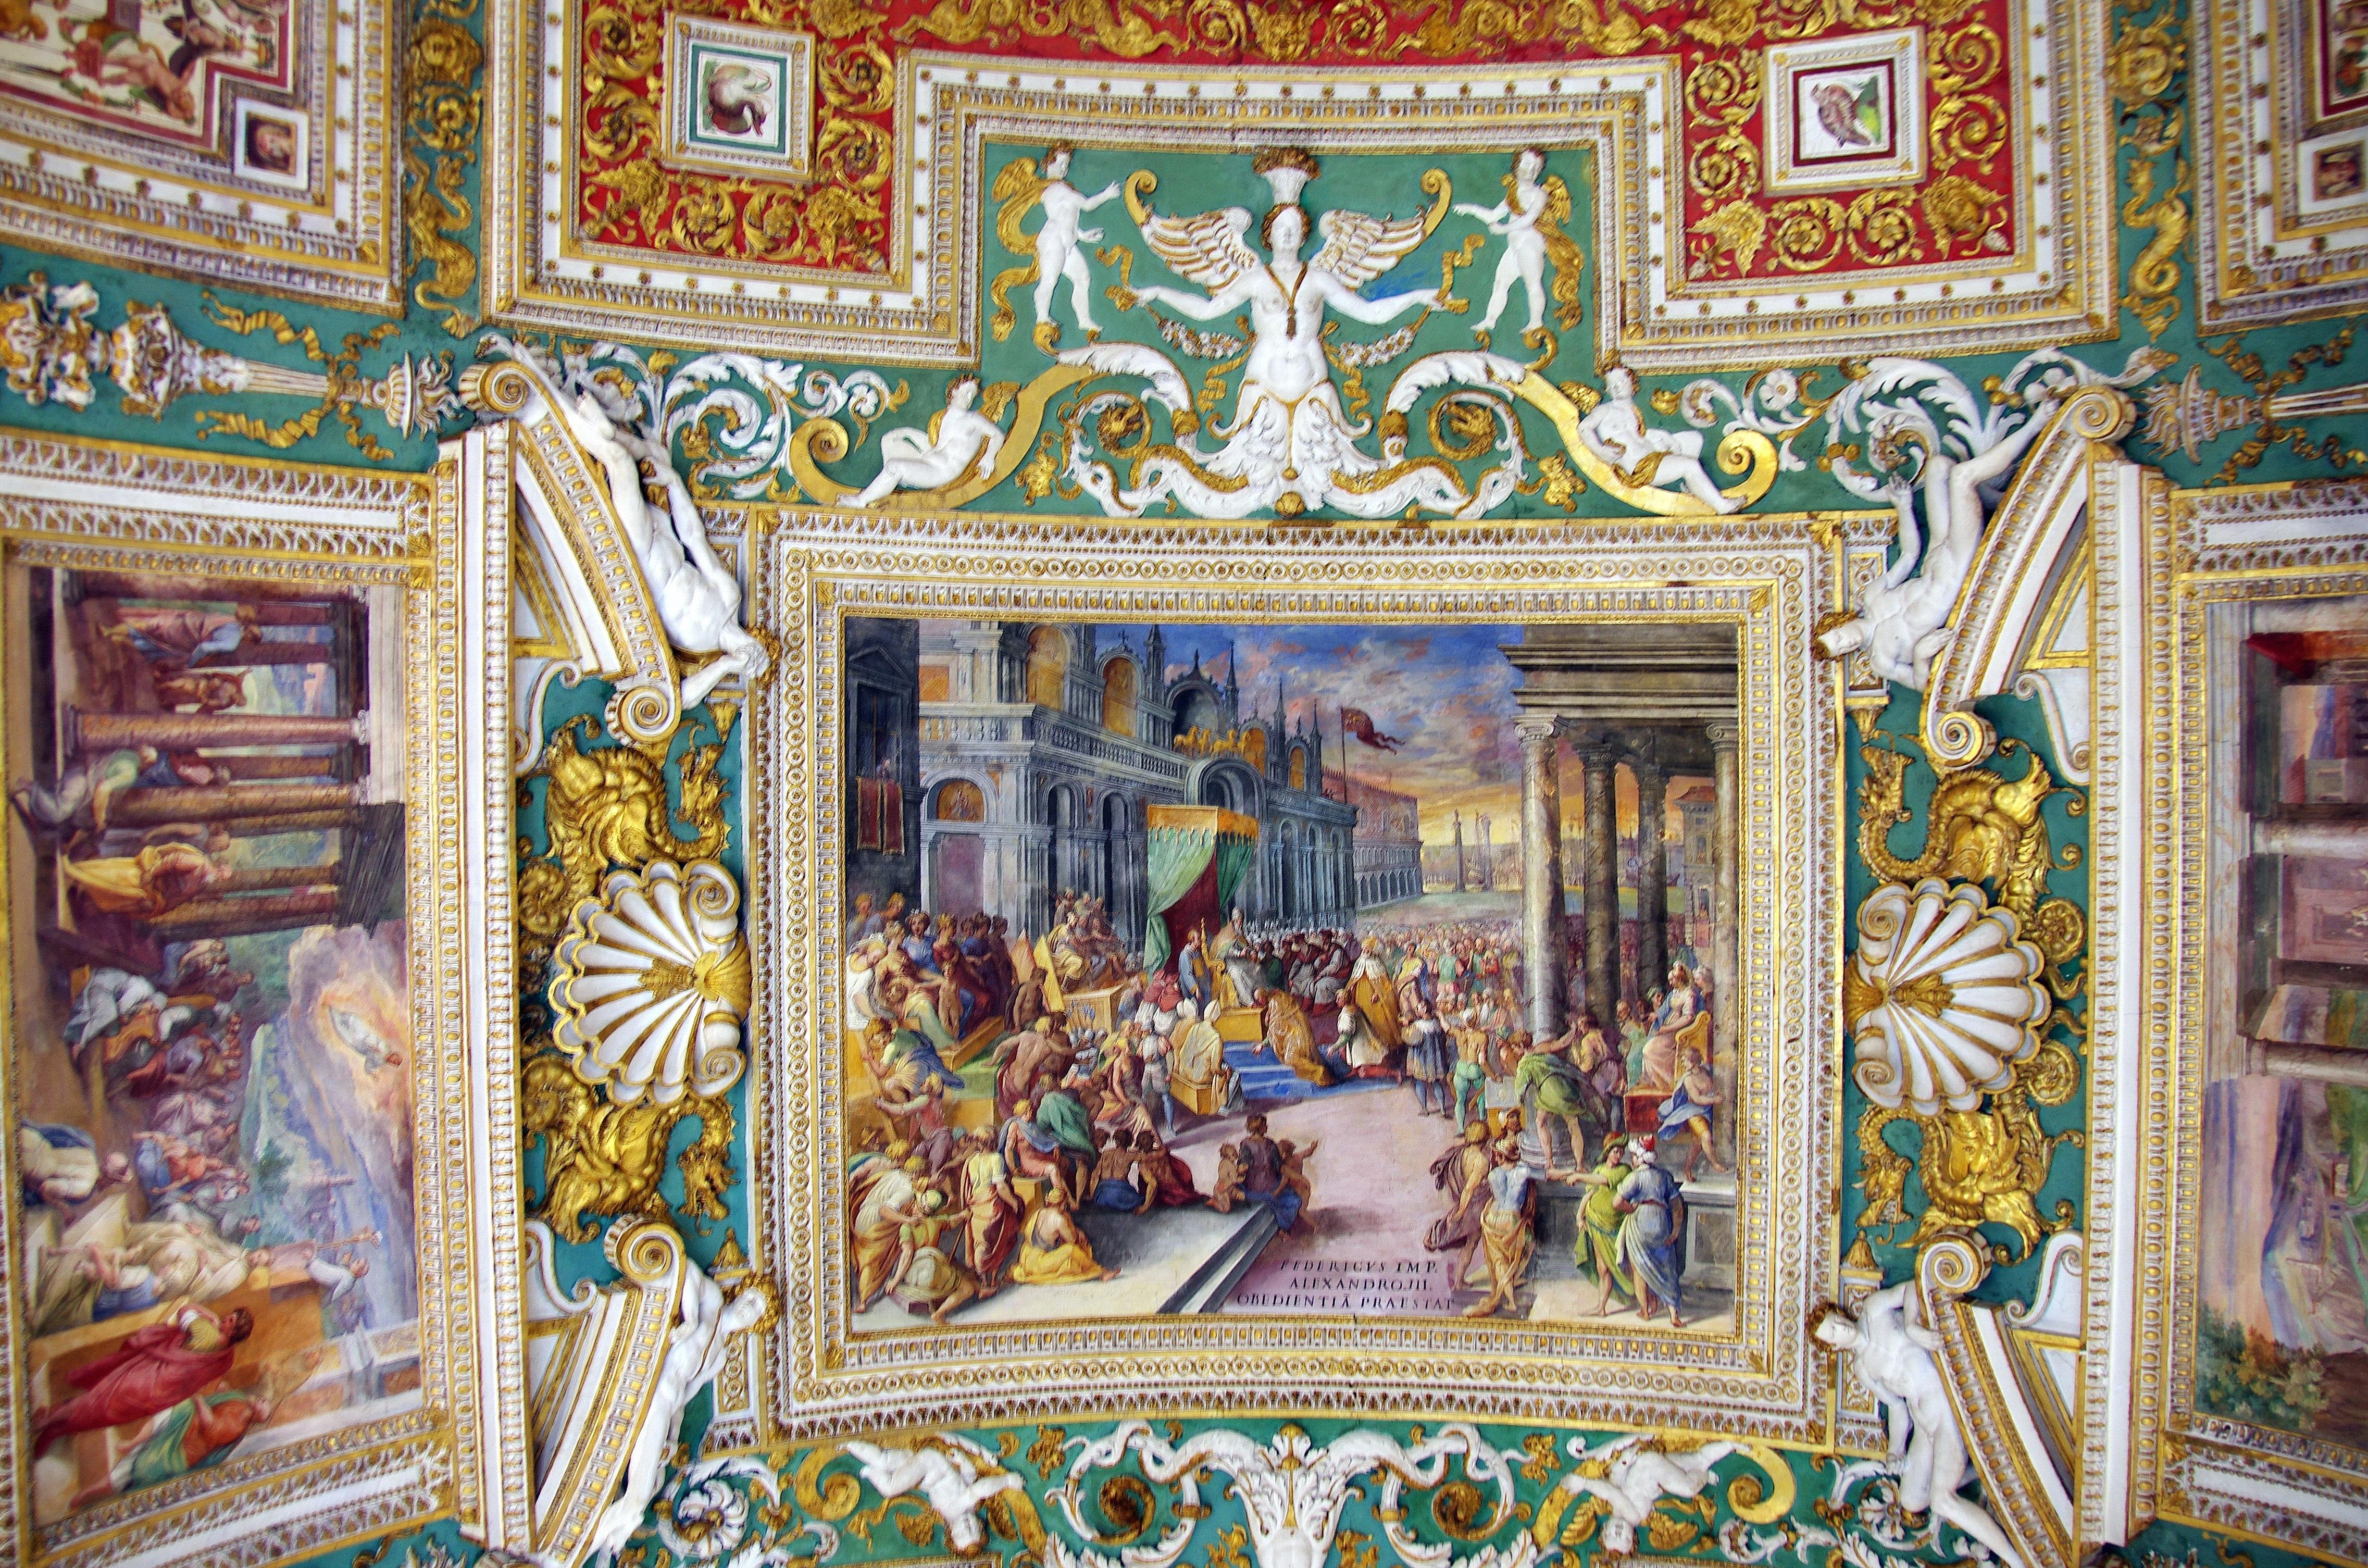 Teto do Museu do Vaticano